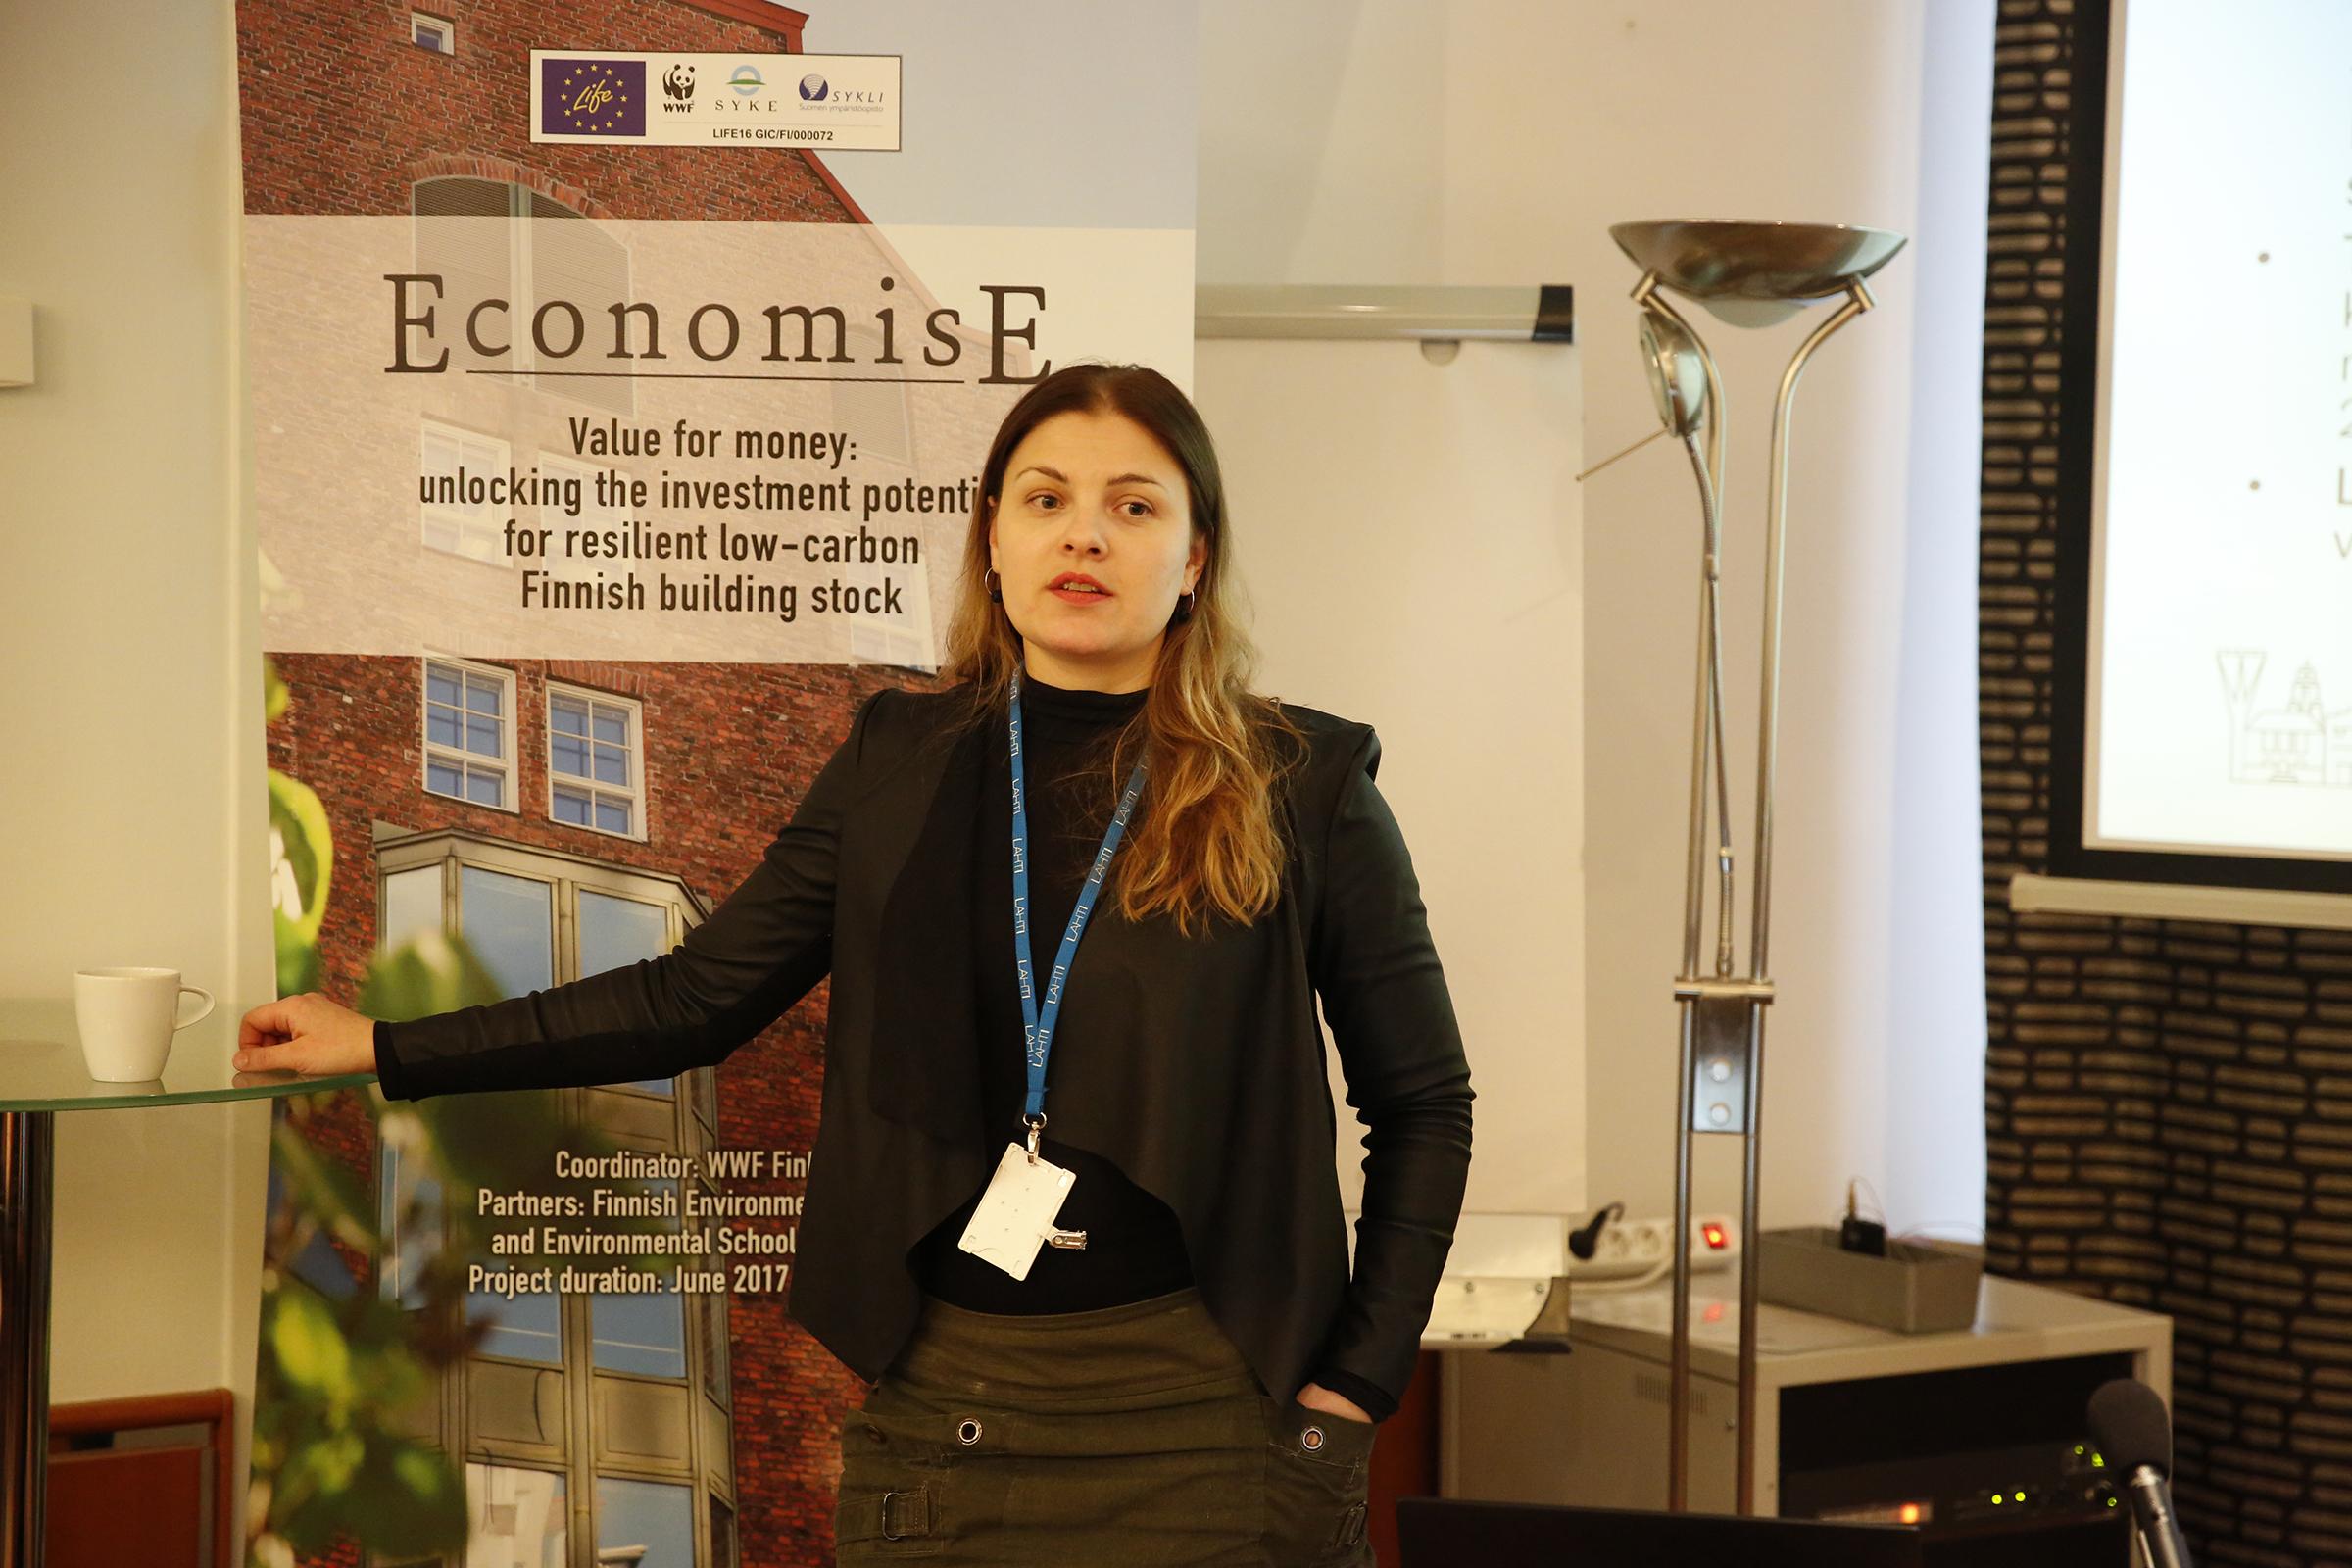 Lahden kaupungin ympäristöjohtaja Saara Vauramo pitää esitystä